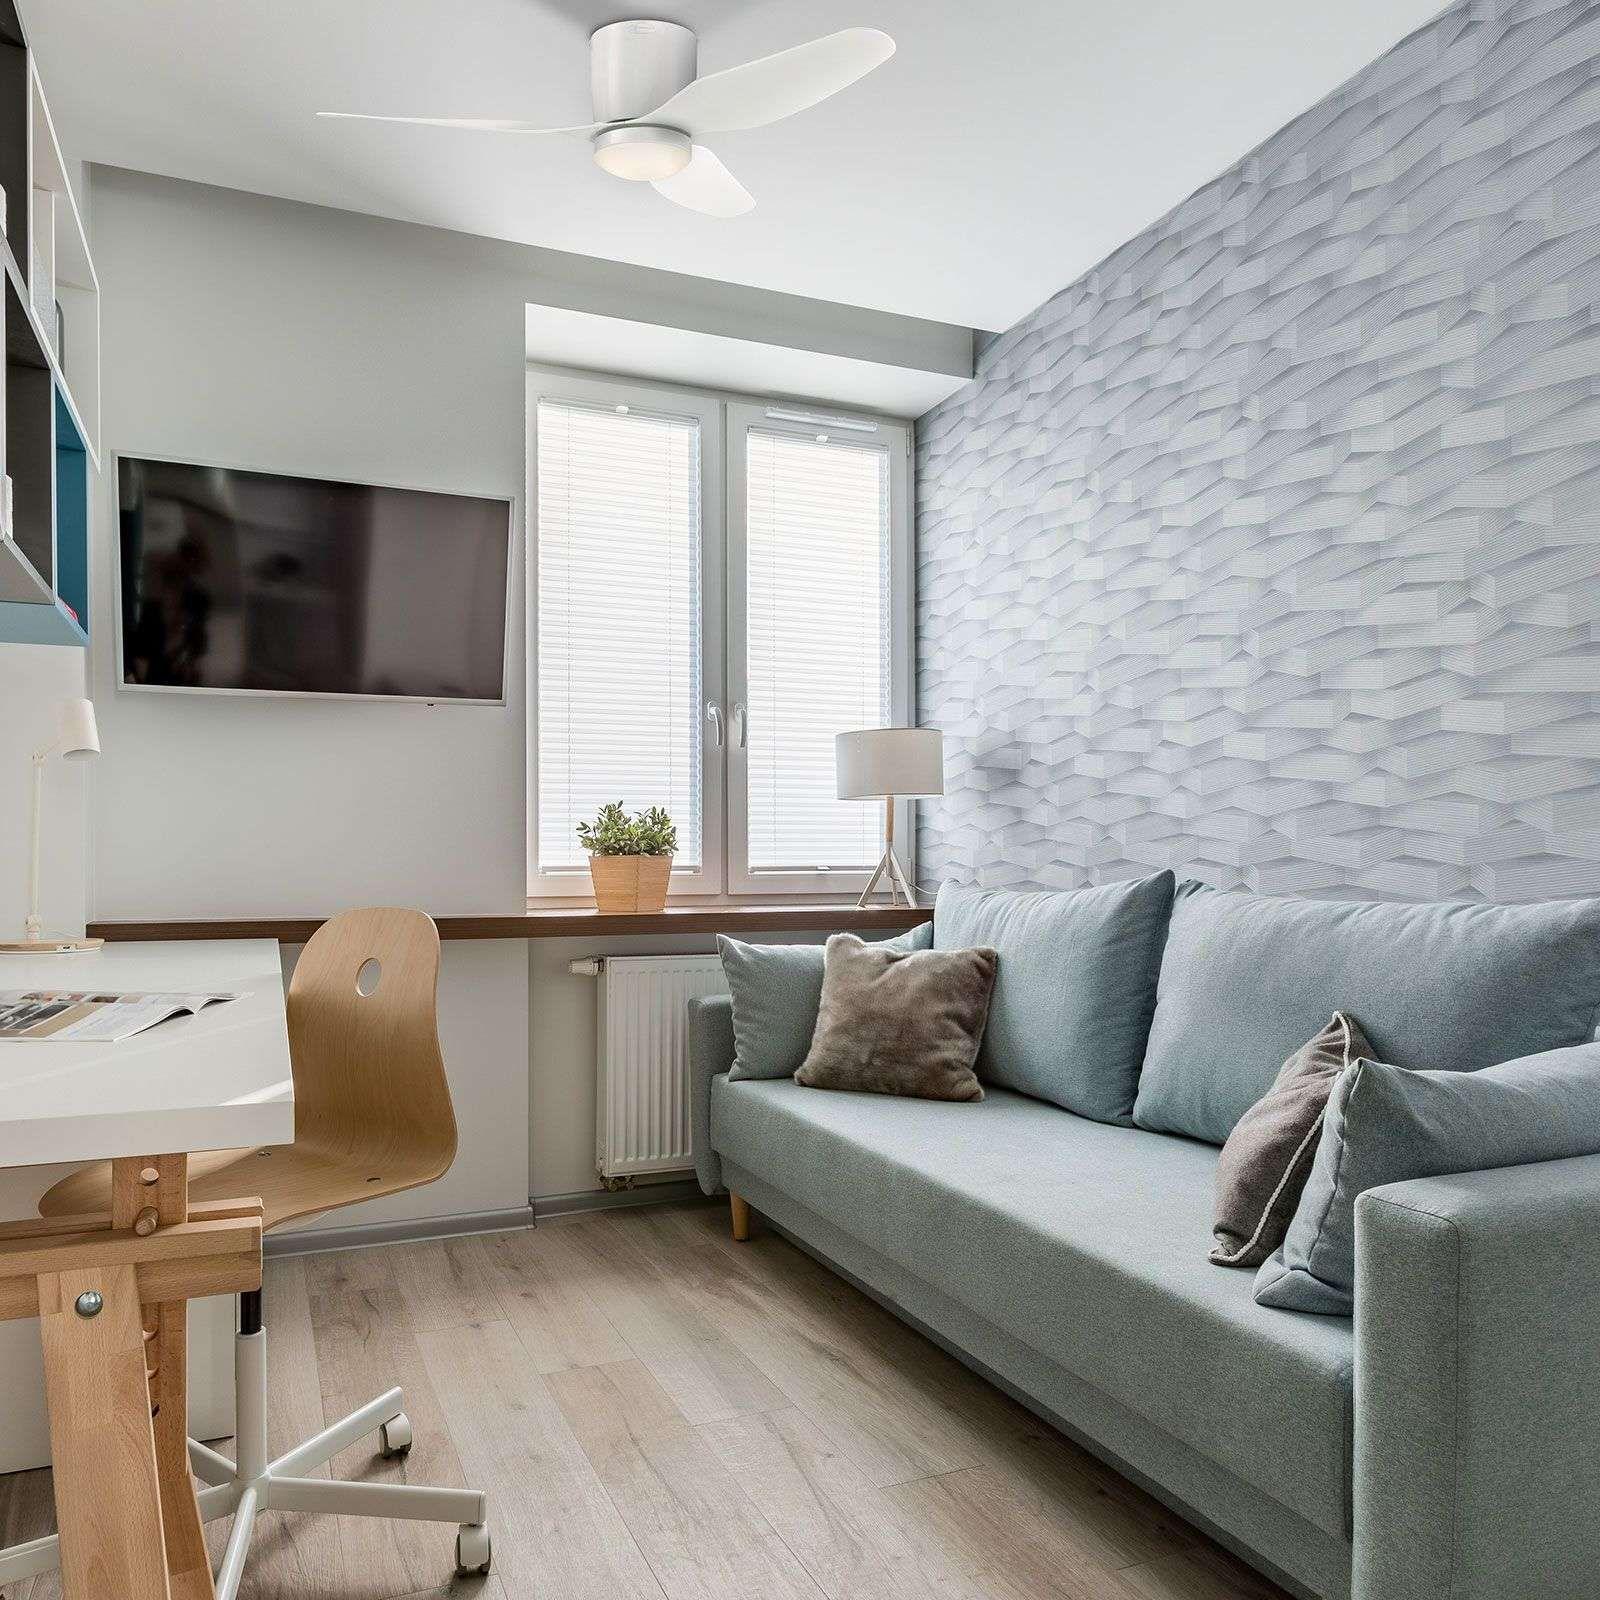 Moderner Deckenventilatoren Mit Beleuchtung Carla Von Westinghouse Weiss In 2020 Deckenventilator Haus Deko Und Ventilator